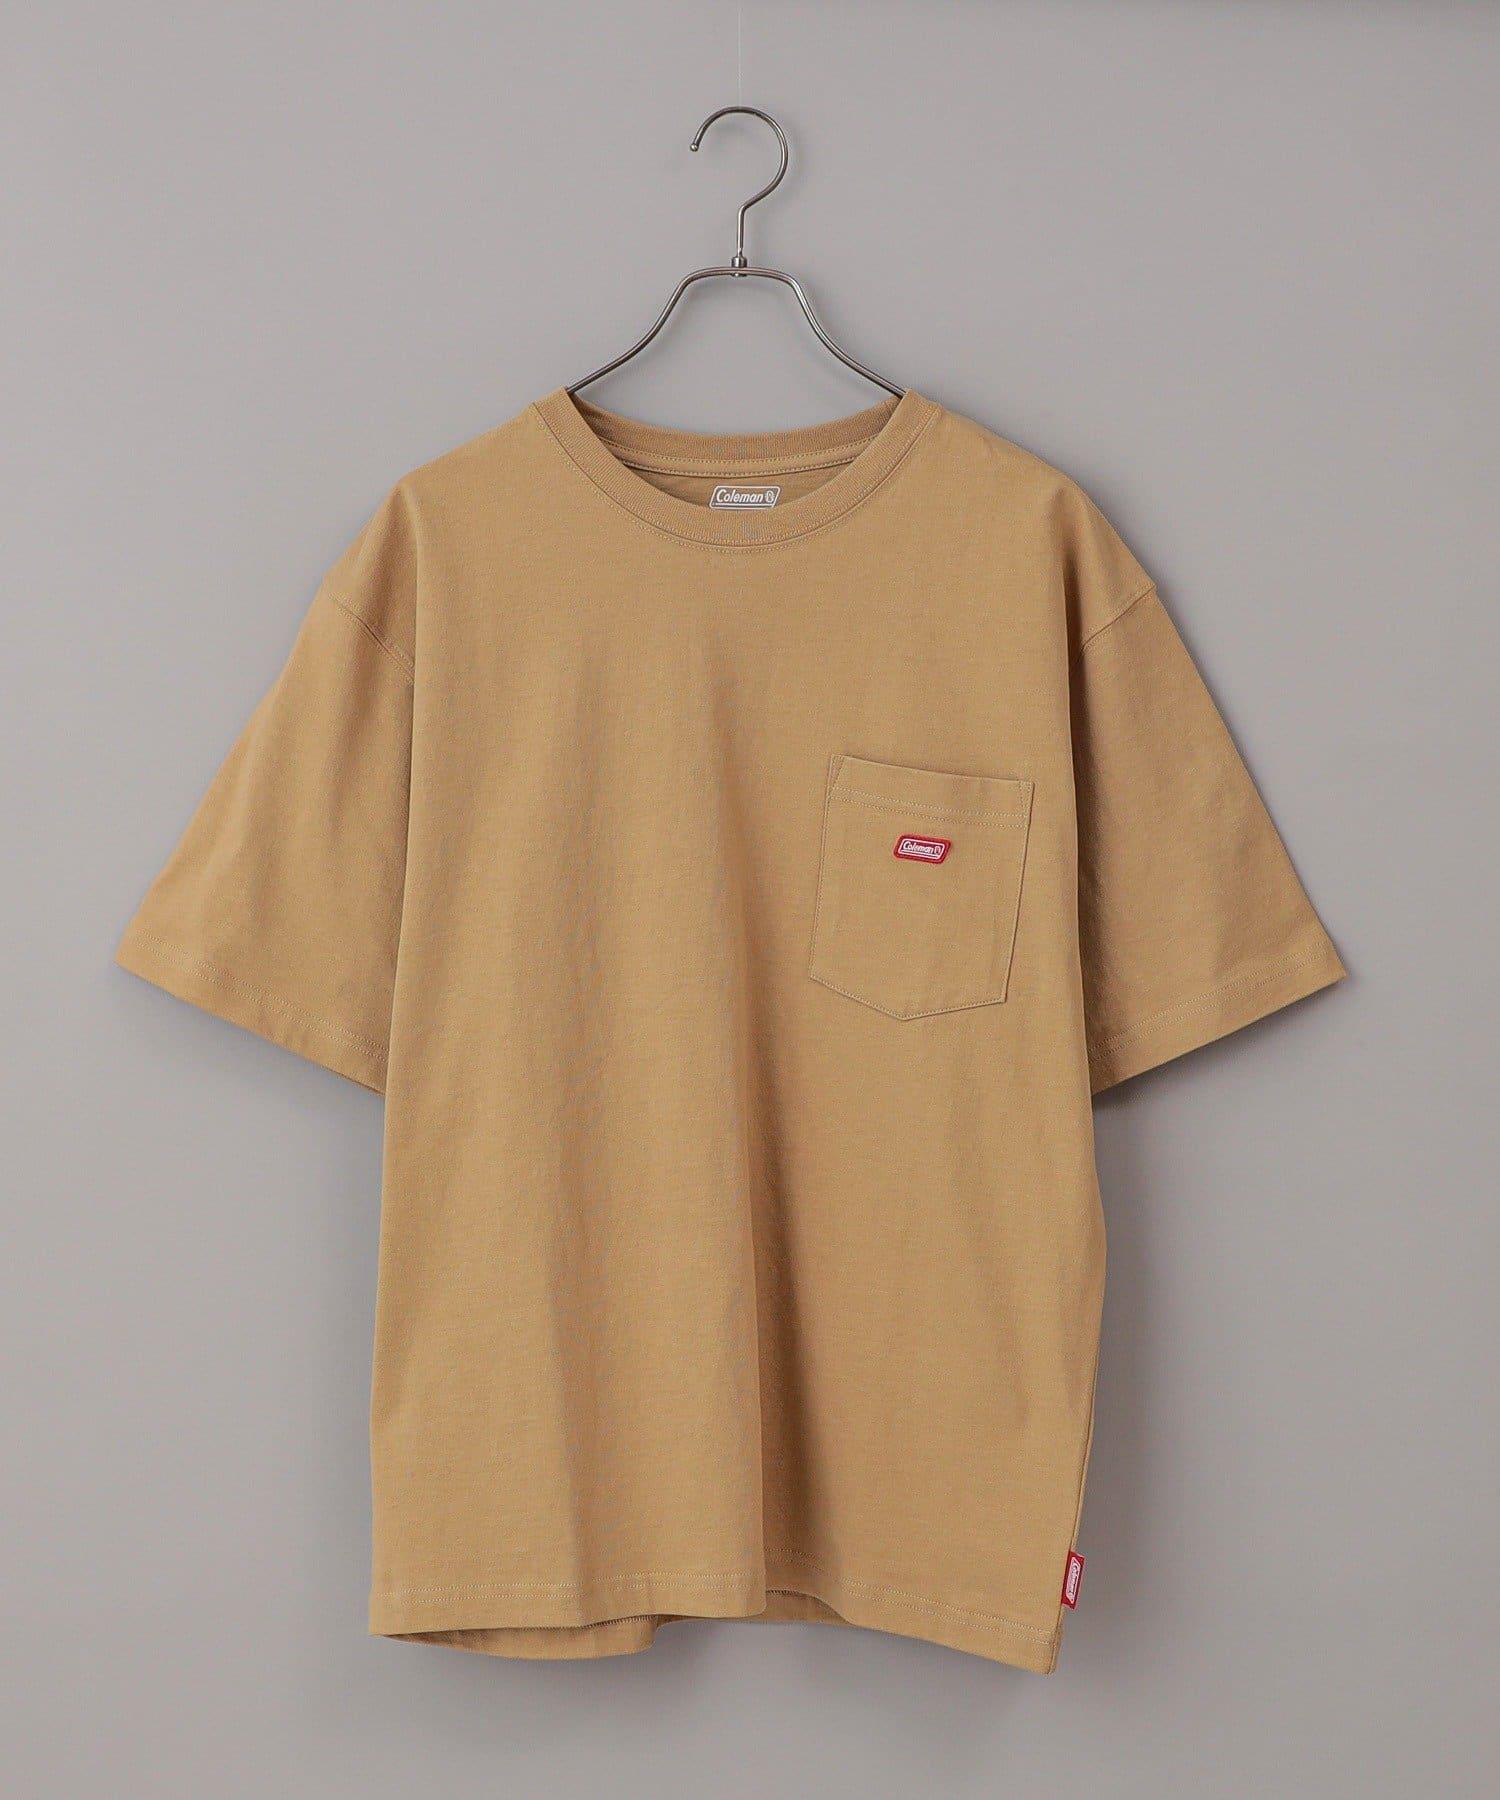 CIAOPANIC(チャオパニック) メンズ 【Coleman/コールマン】ワンポイントロゴクルーネック半袖Tシャツ ベージュ